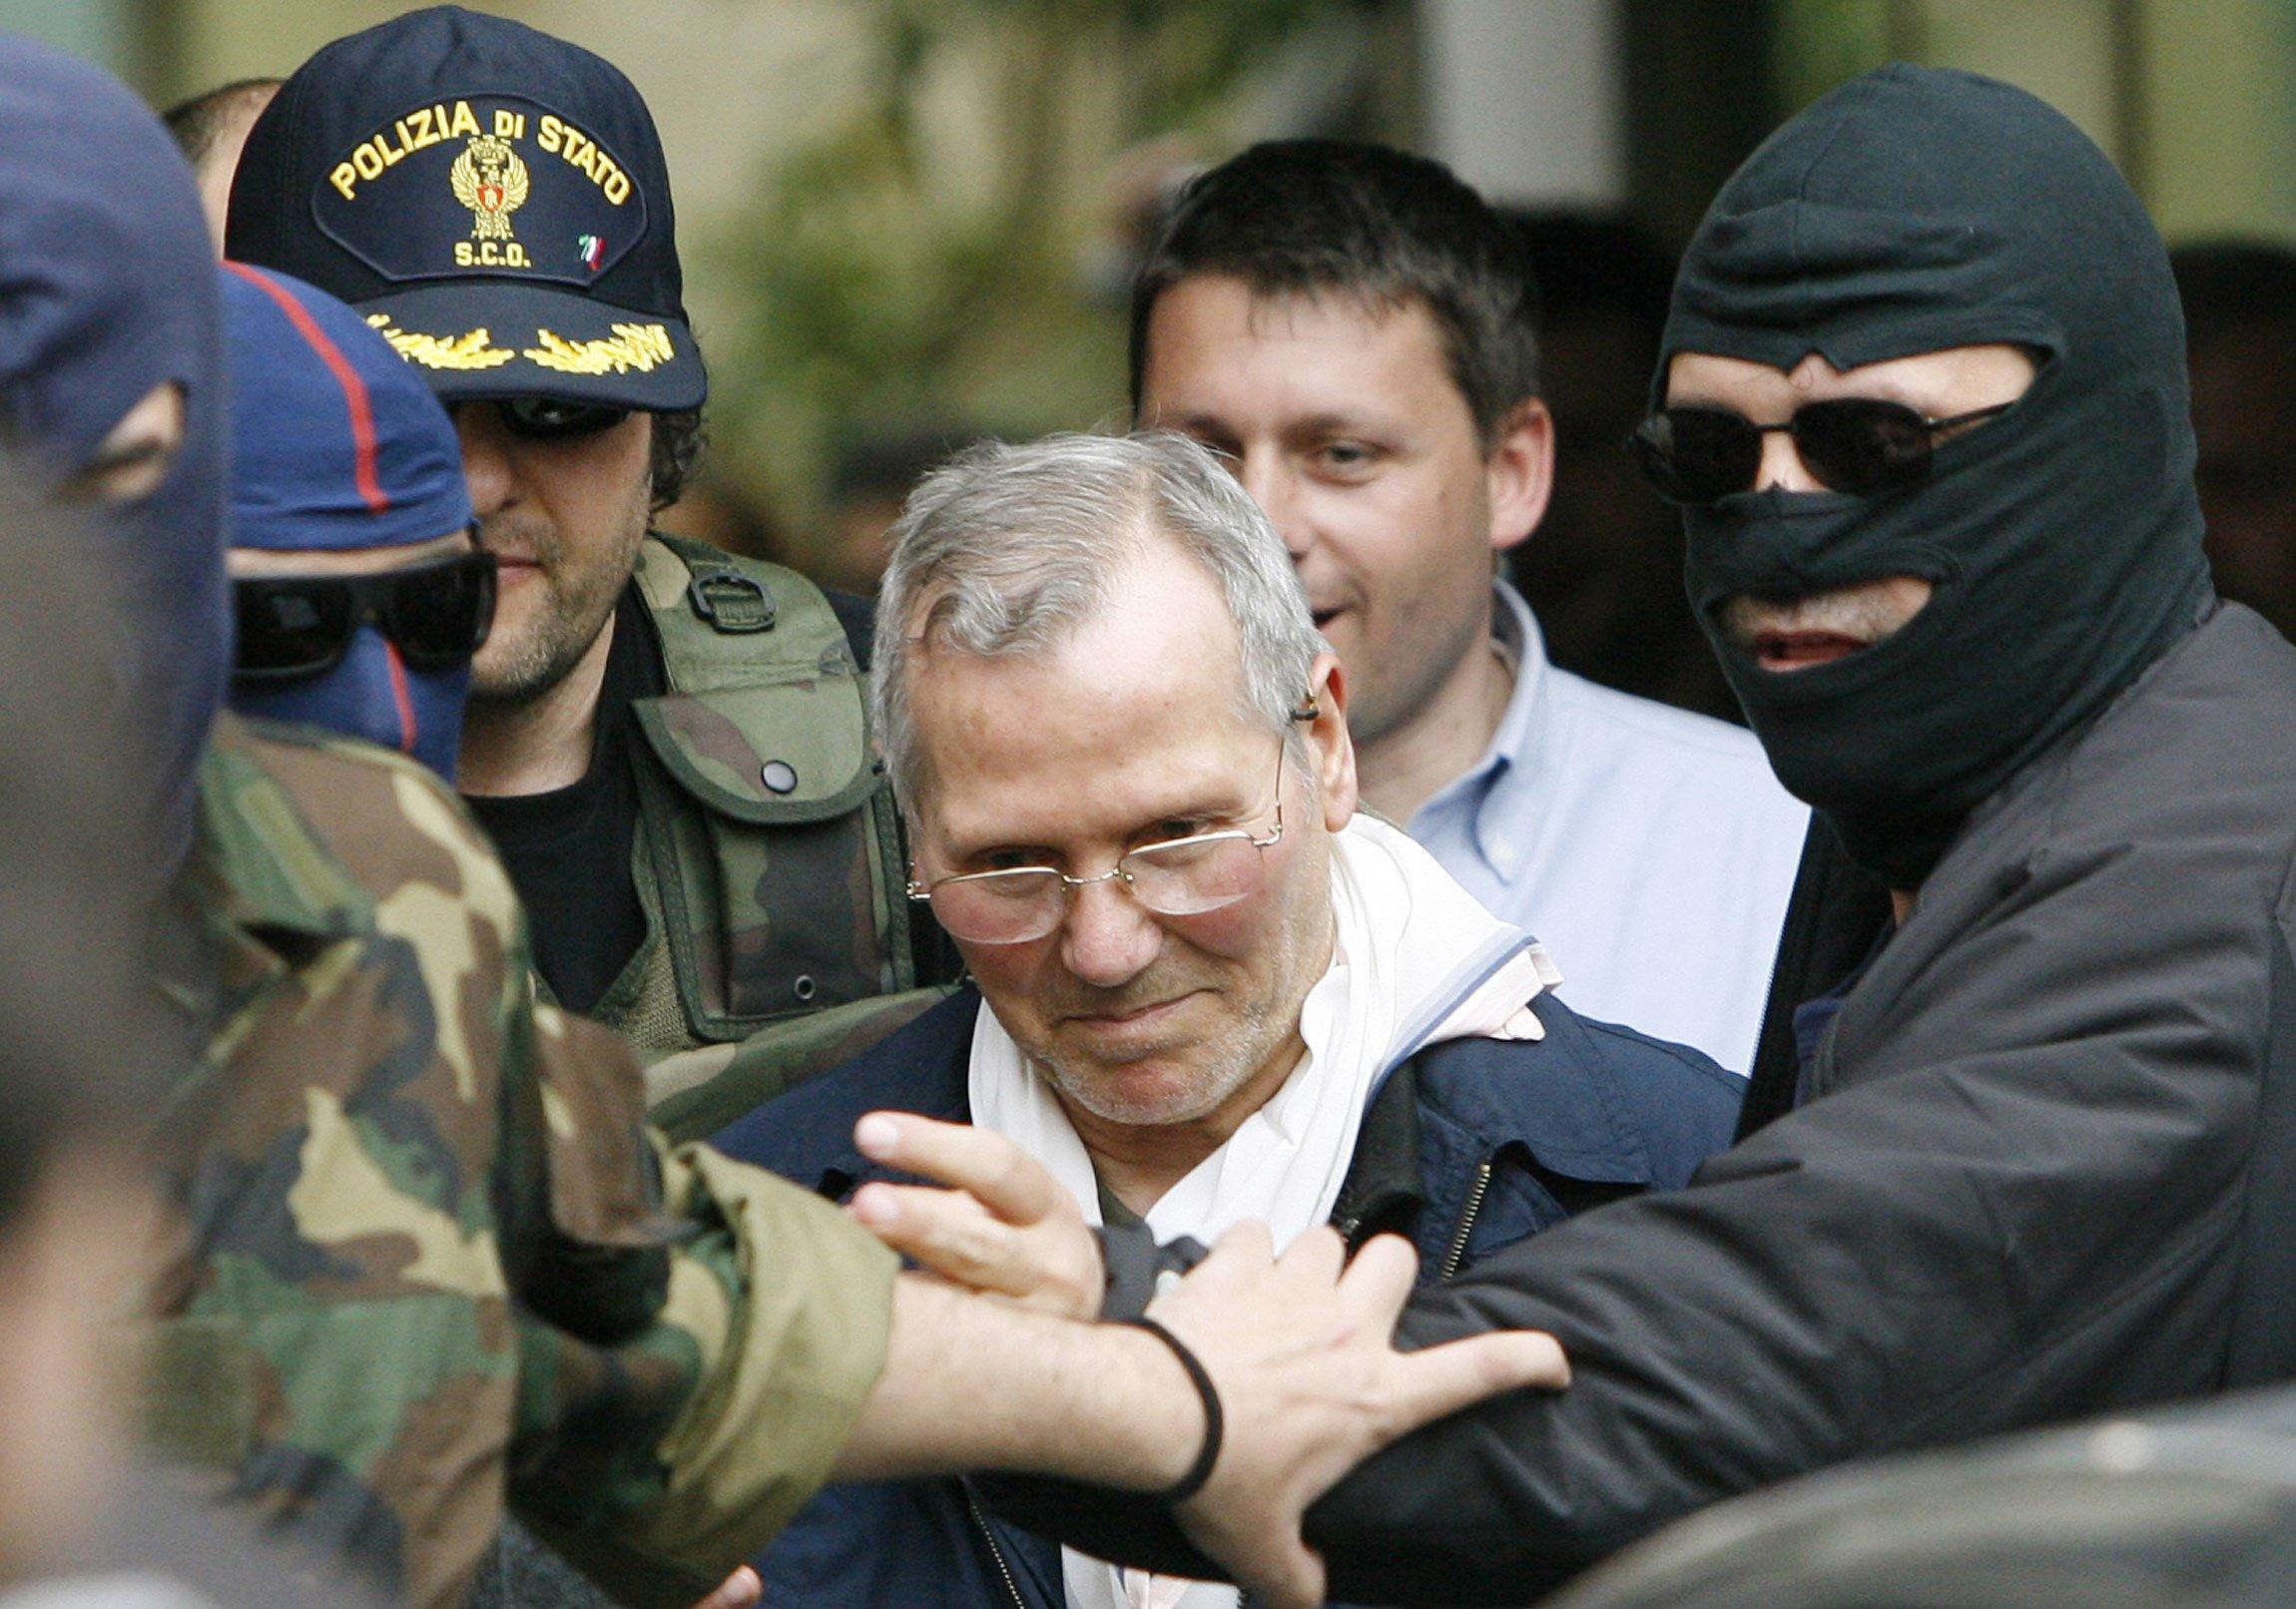 Mafia boss 'the tractor' dies in prison aged 83